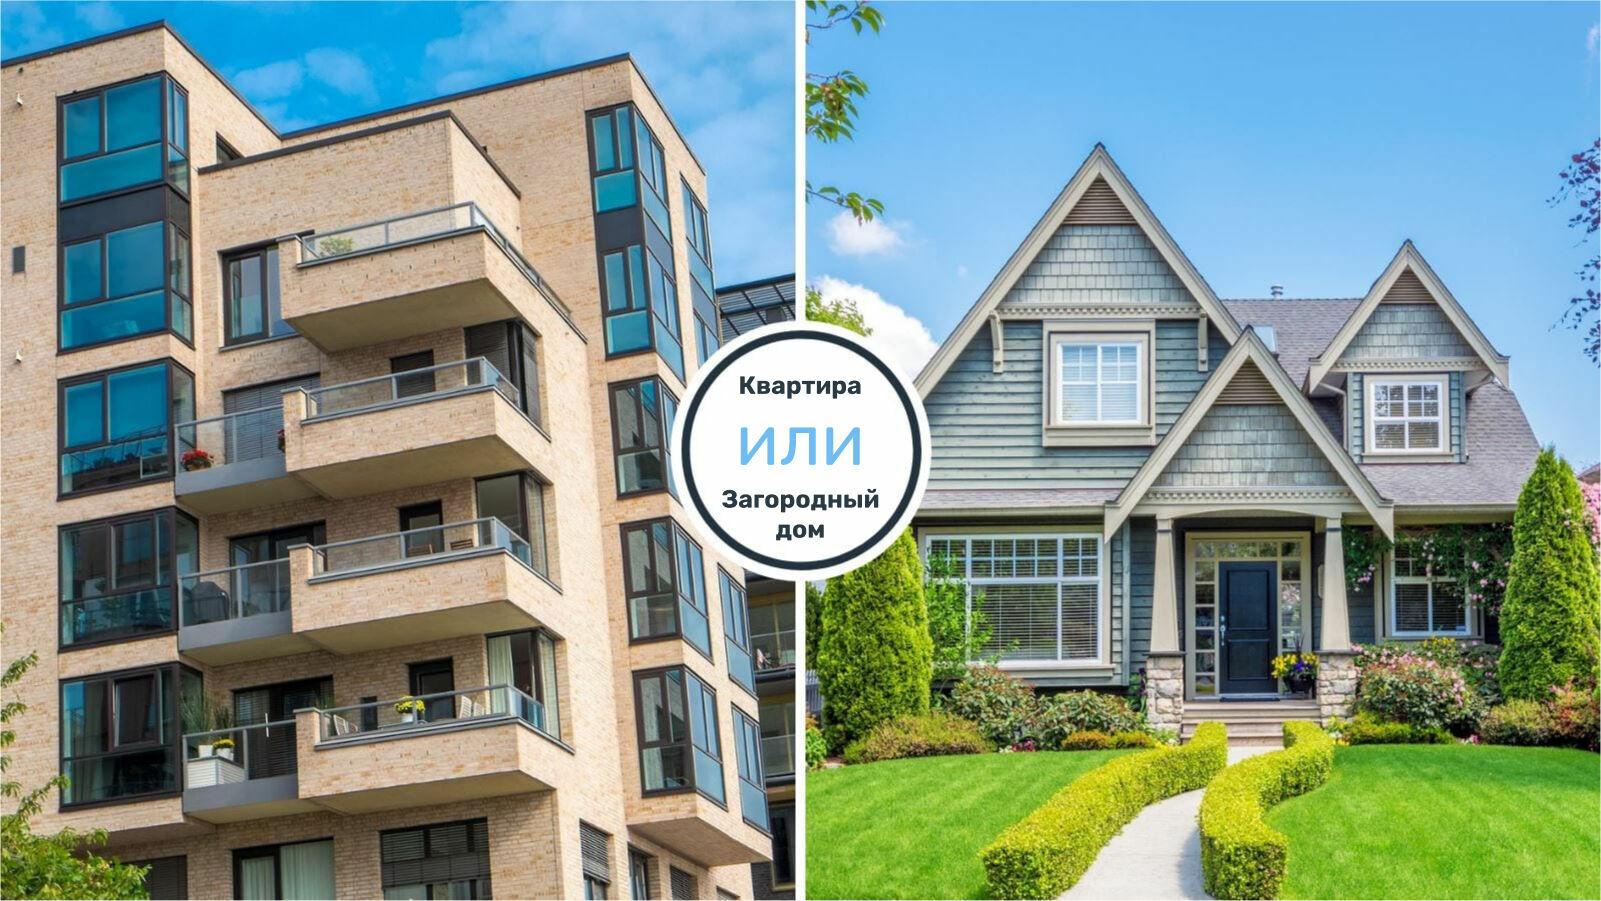 Что лучше: квартира или загородный дом?